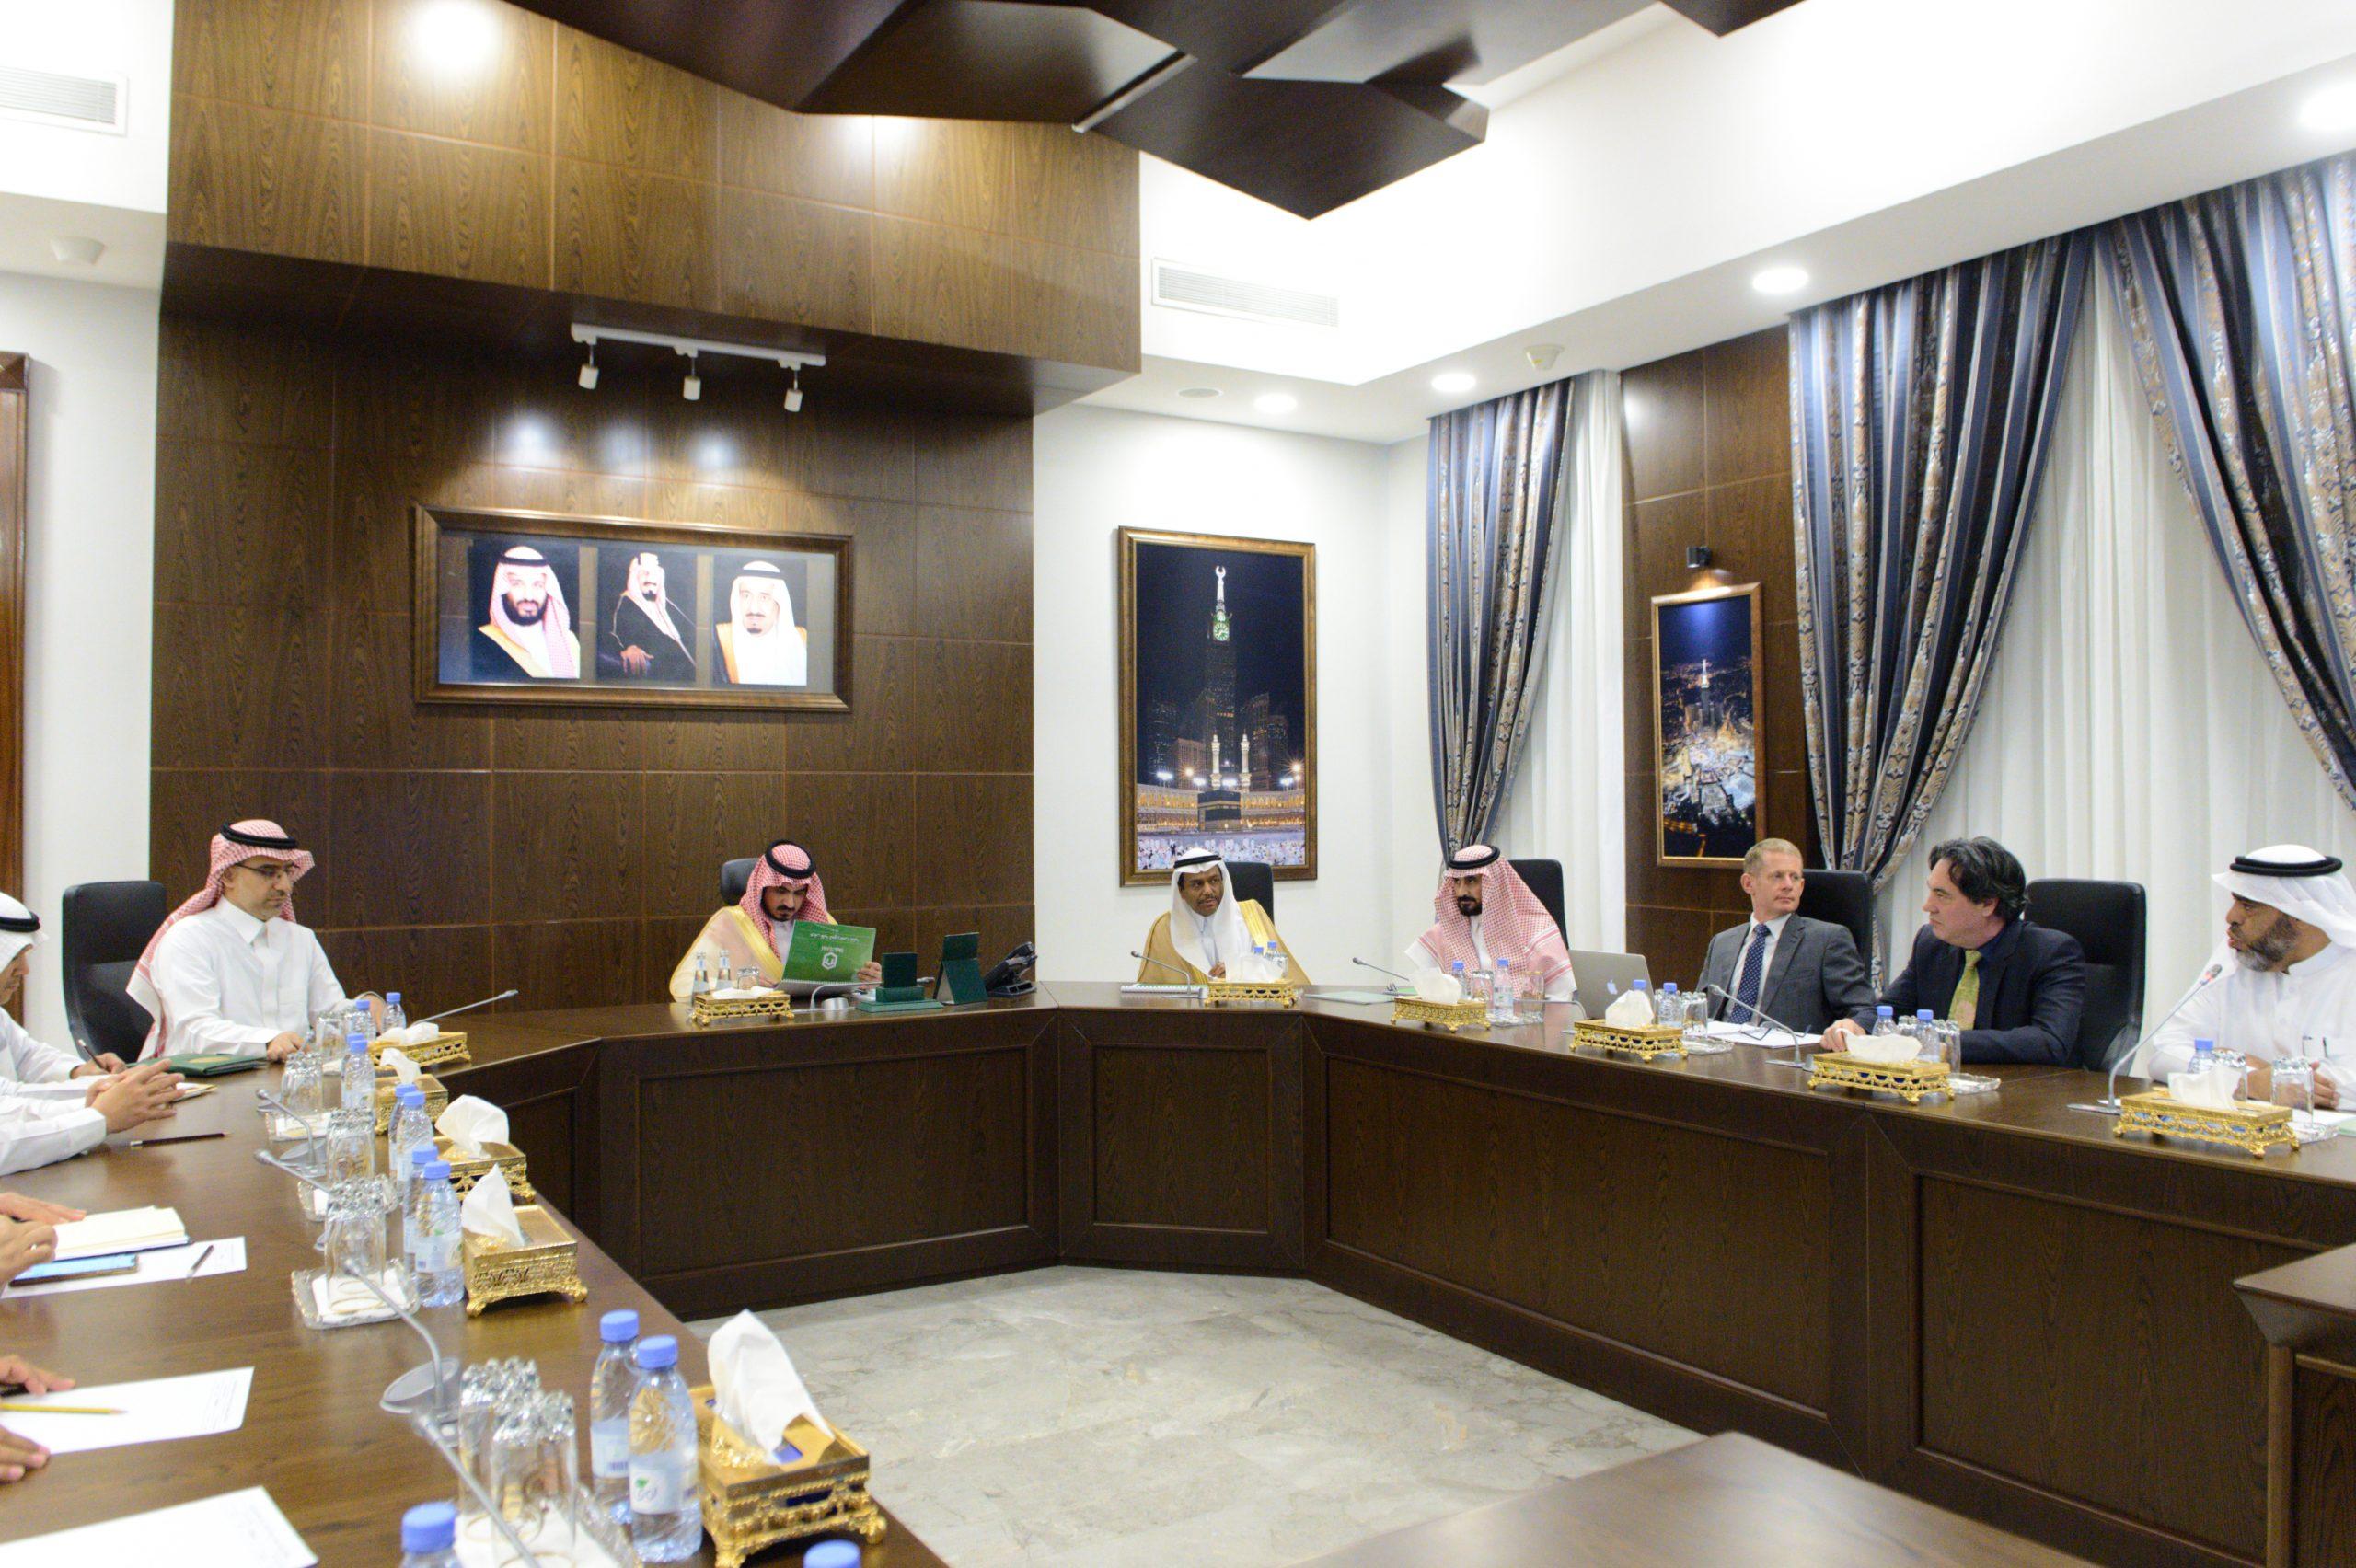 نائب أمير مكة المكرمة يترأس إجتماعا بحضورنائب وزير الحج والعمرة والرئيس التنفيذي لشركة المياه الوطنية